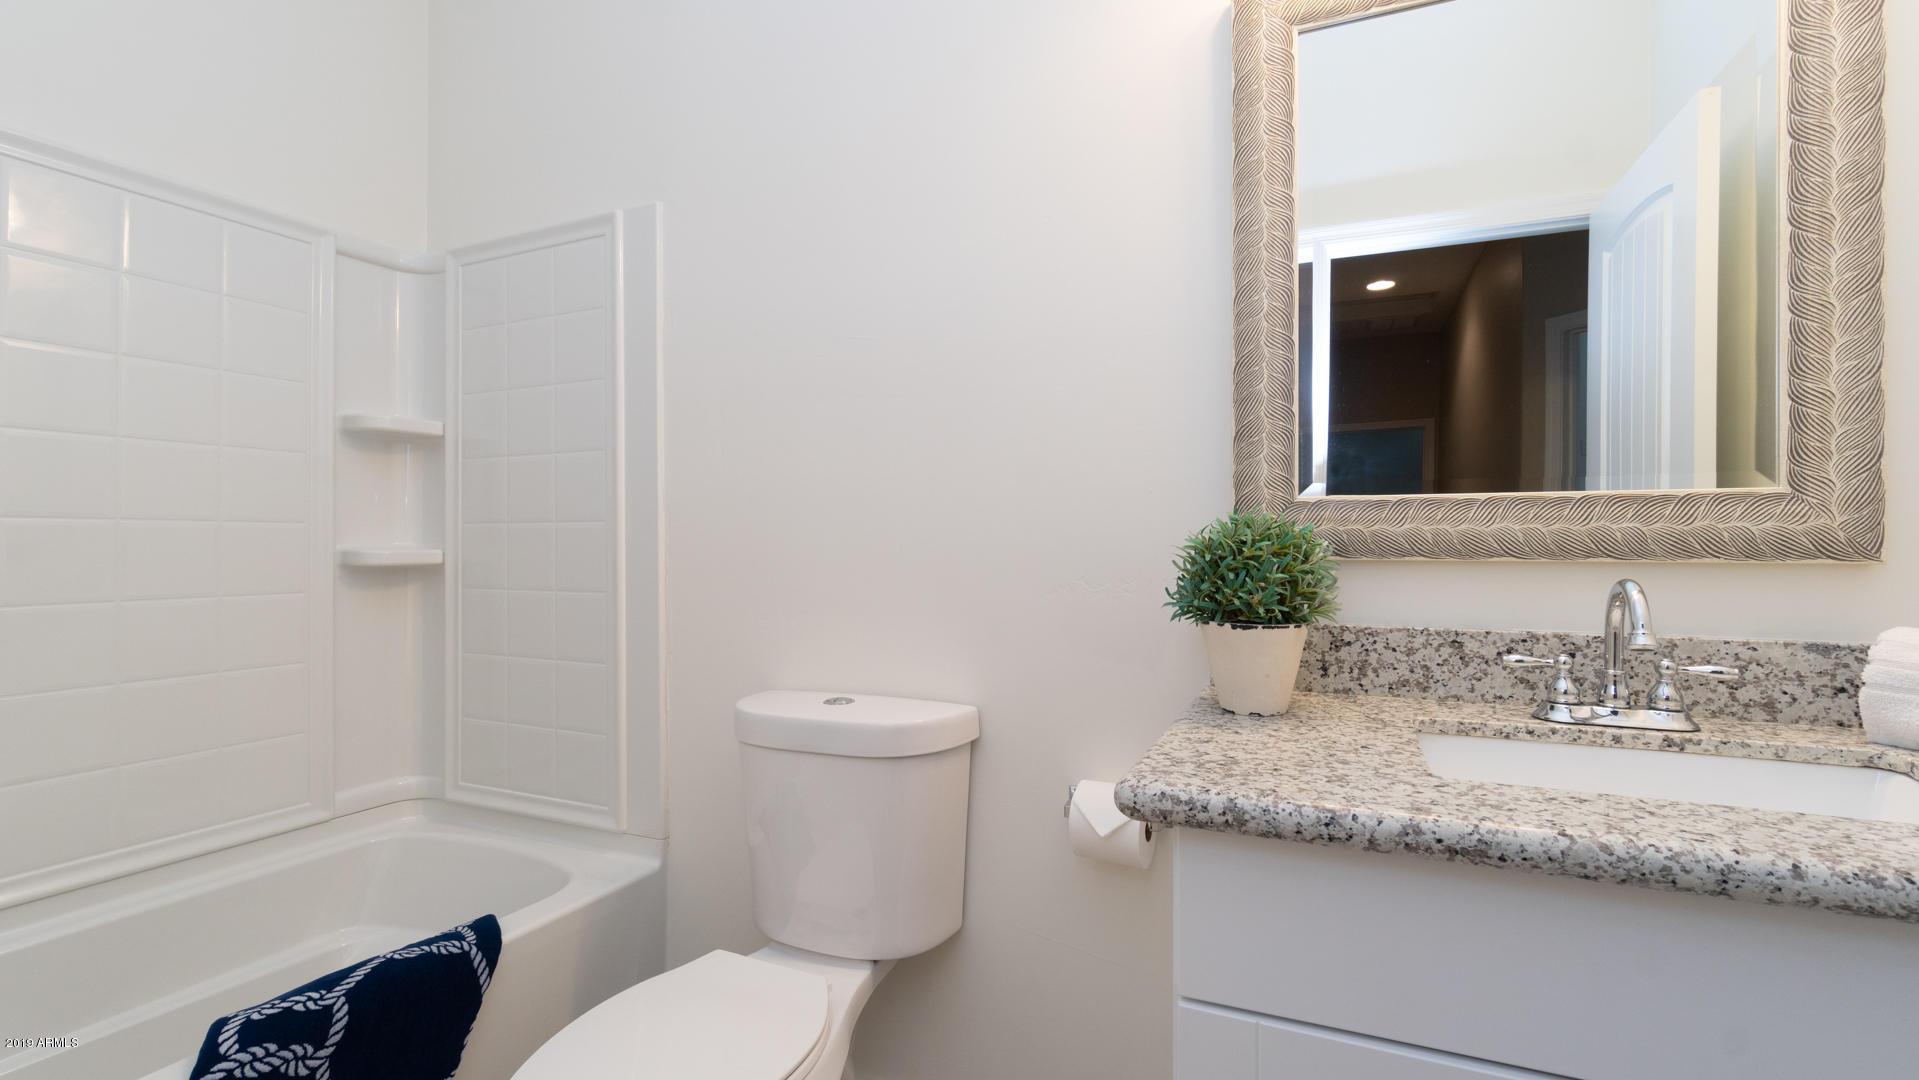 MLS 5969285 12470 W ELWOOD Street, Avondale, AZ 85323 Avondale AZ Newly Built